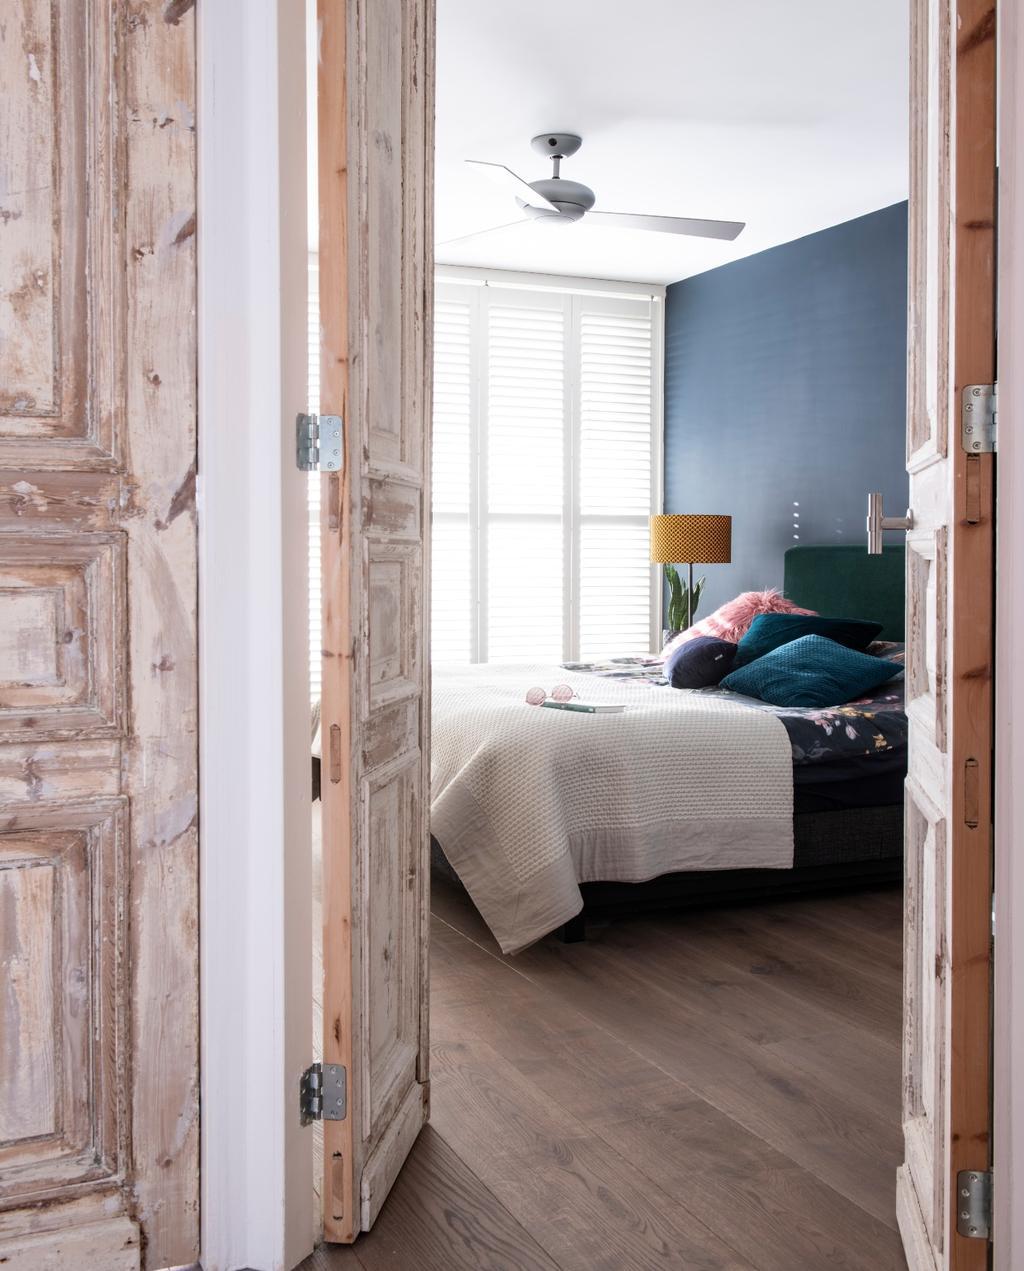 vtwonen bk special 03-2020 | binnenkijken Almere slaapkamer met hoge houten deuren